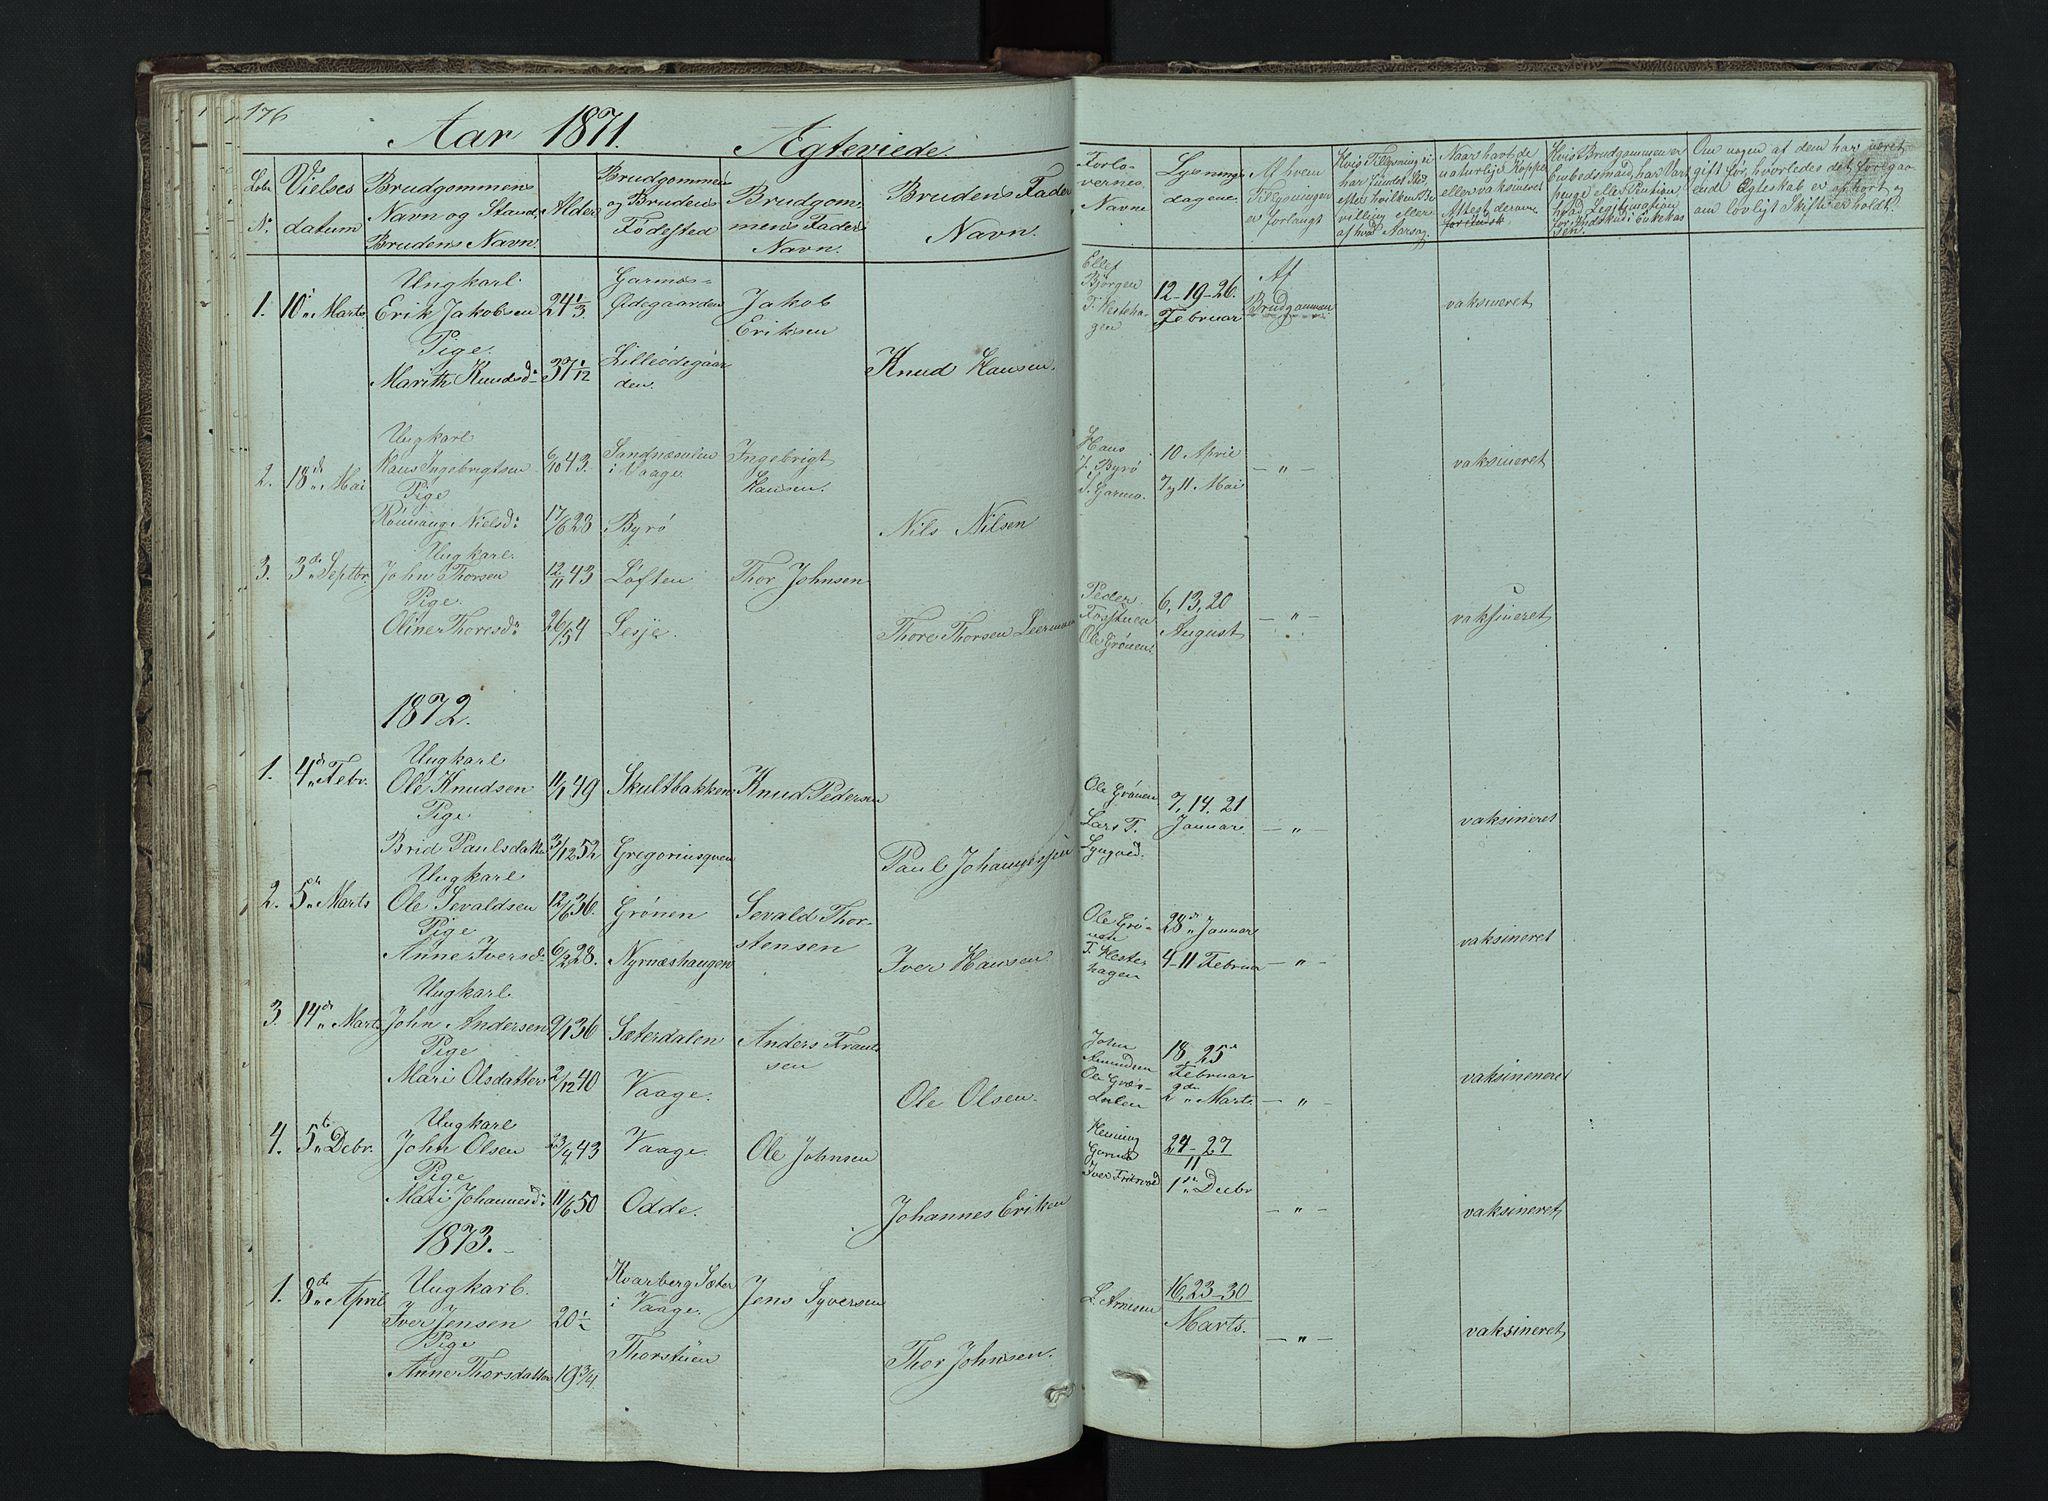 SAH, Lom prestekontor, L/L0014: Klokkerbok nr. 14, 1845-1876, s. 176-177